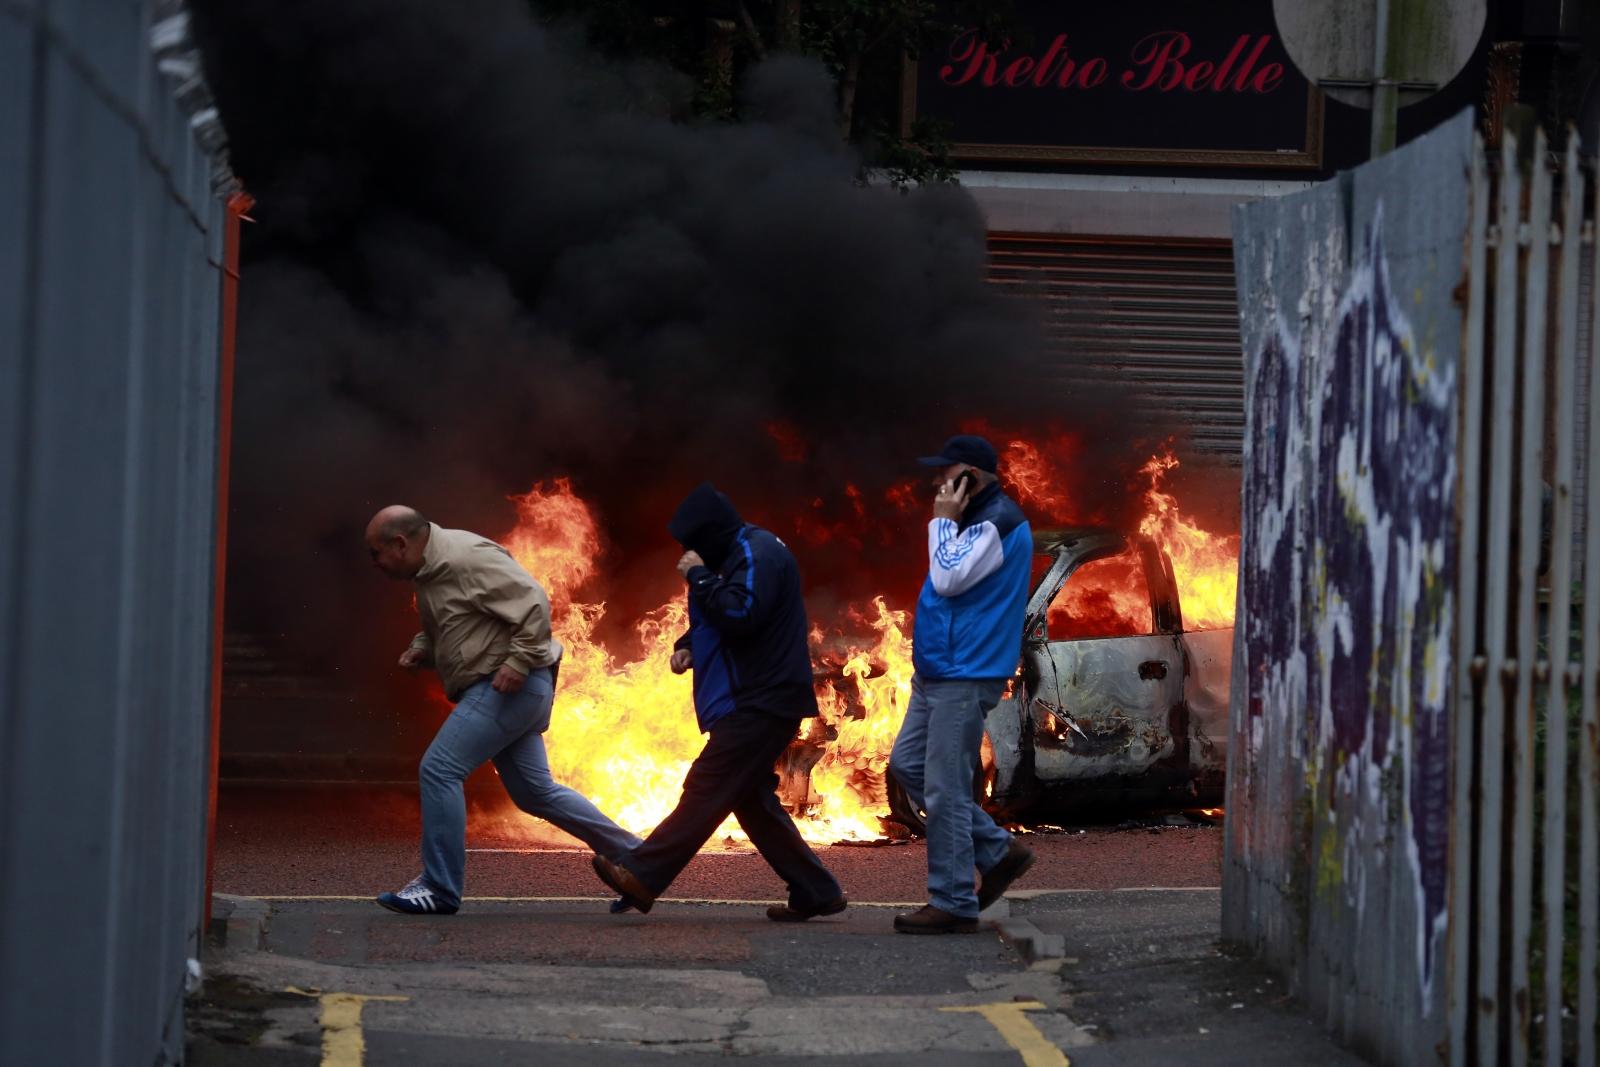 Demonstrations in Belfast 2013